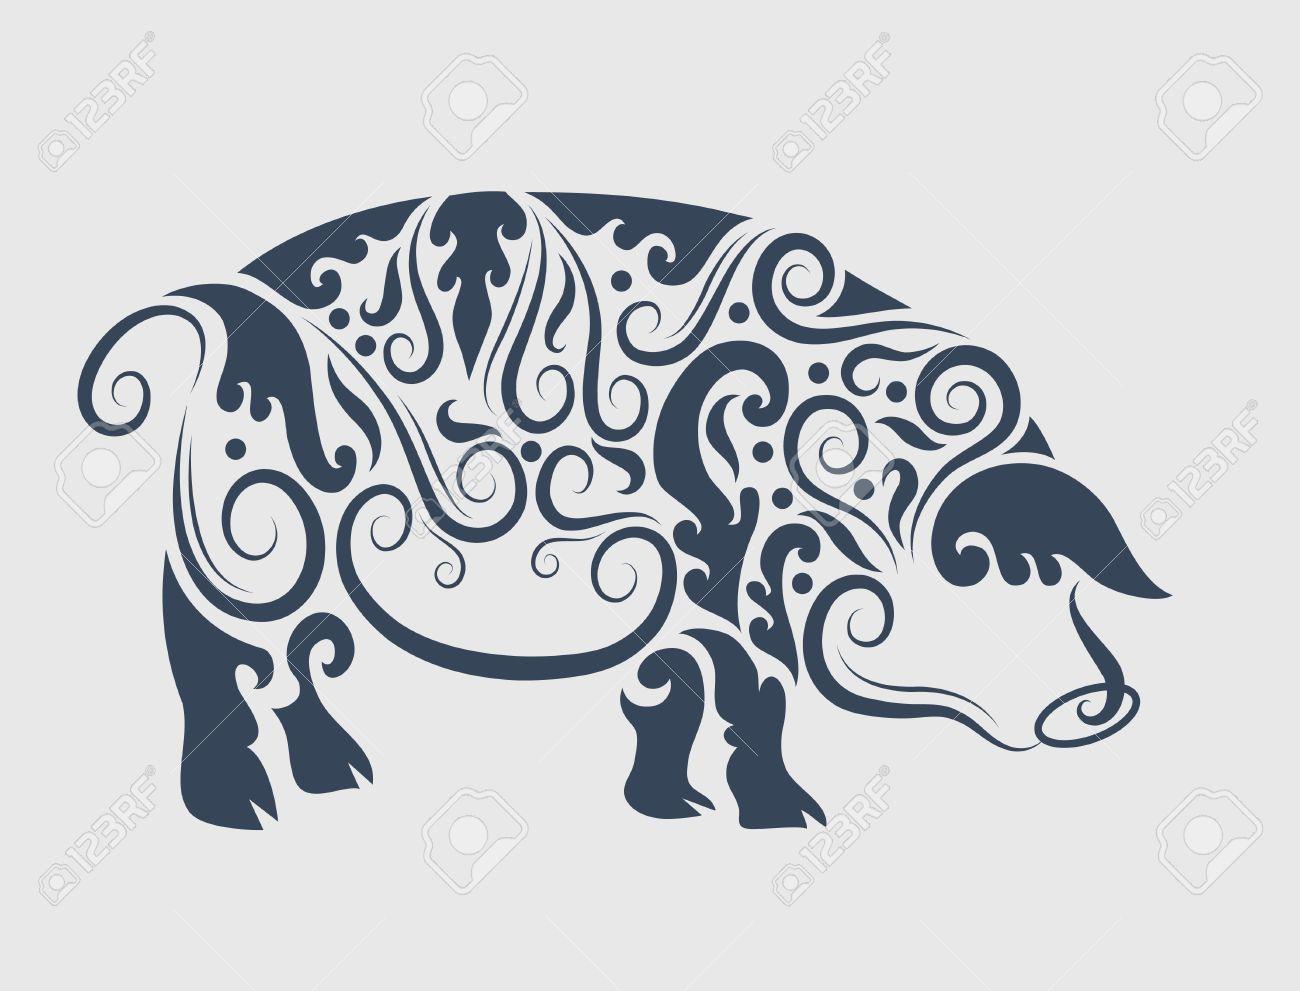 Pig flora ornament Stock Vector - 15409598